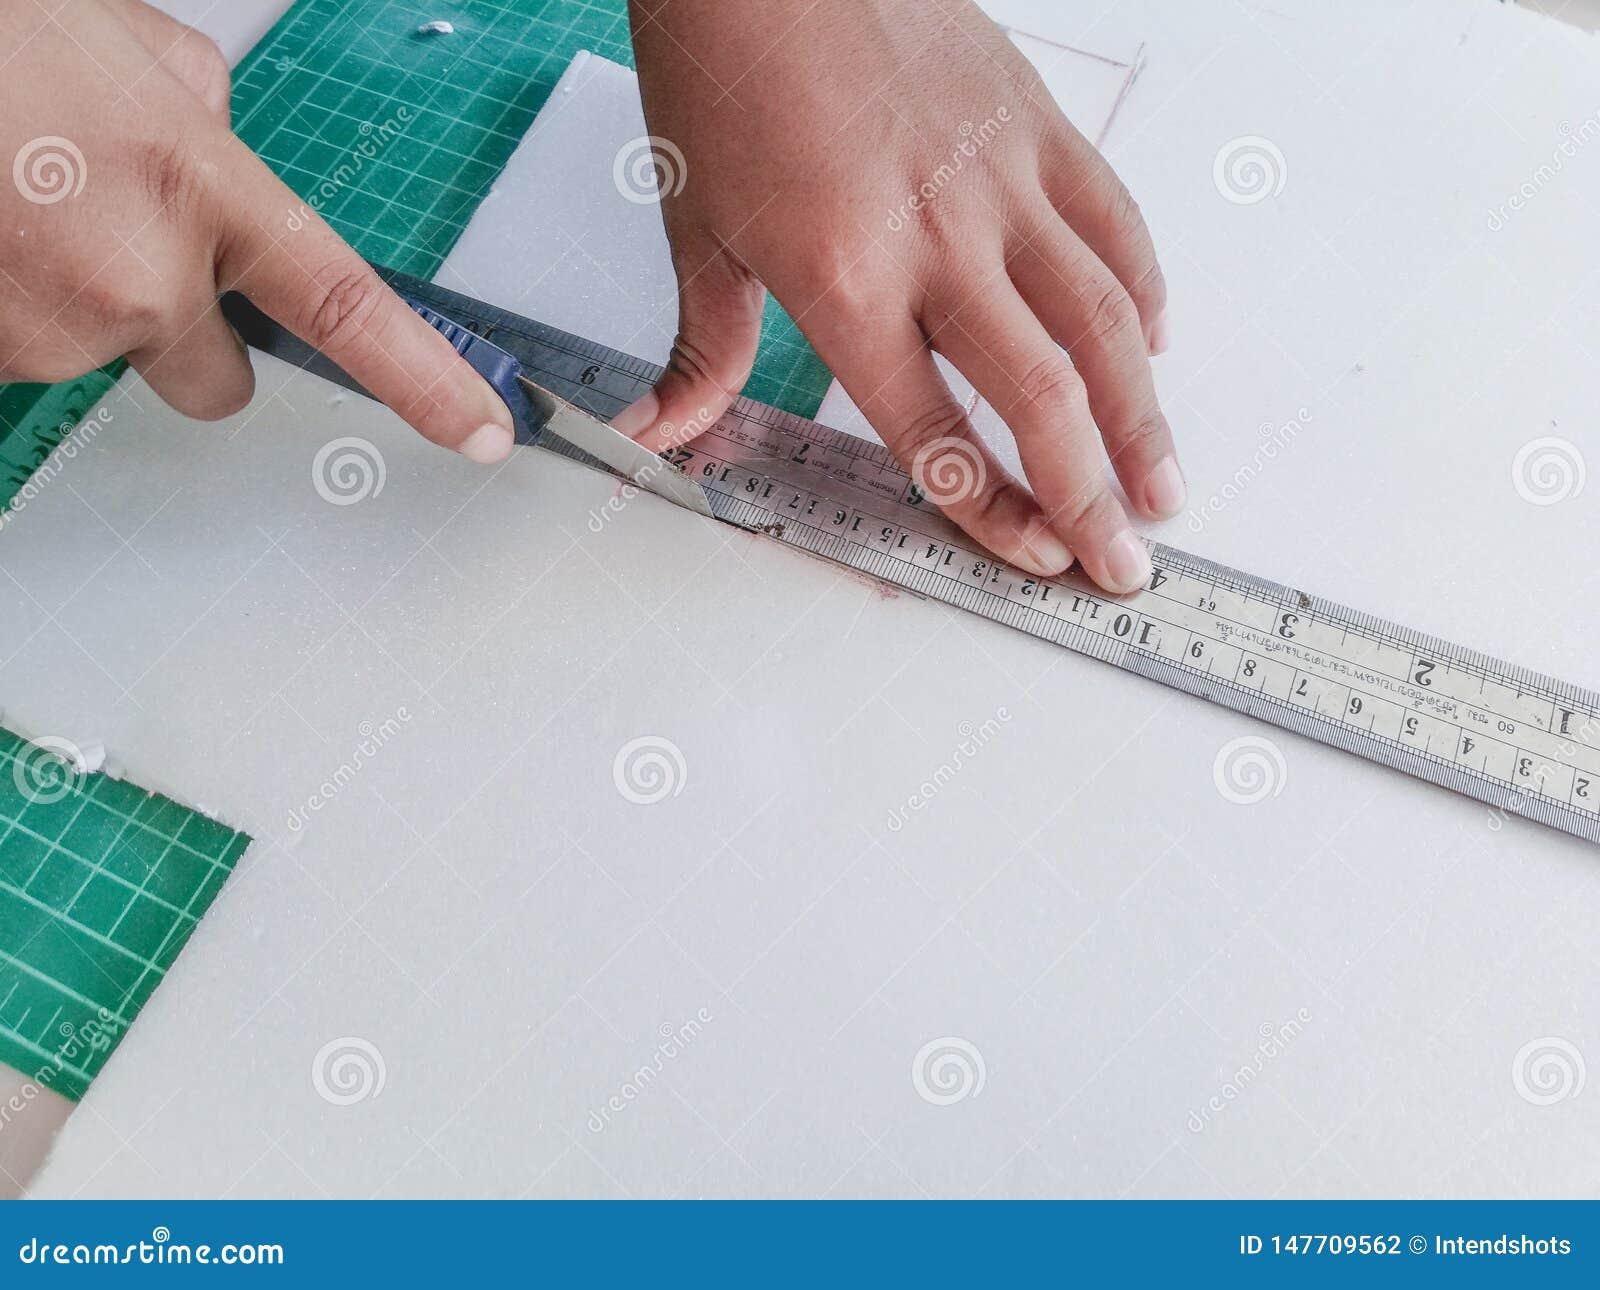 Barnhanden klipper skumpapperet med en skärarekniv